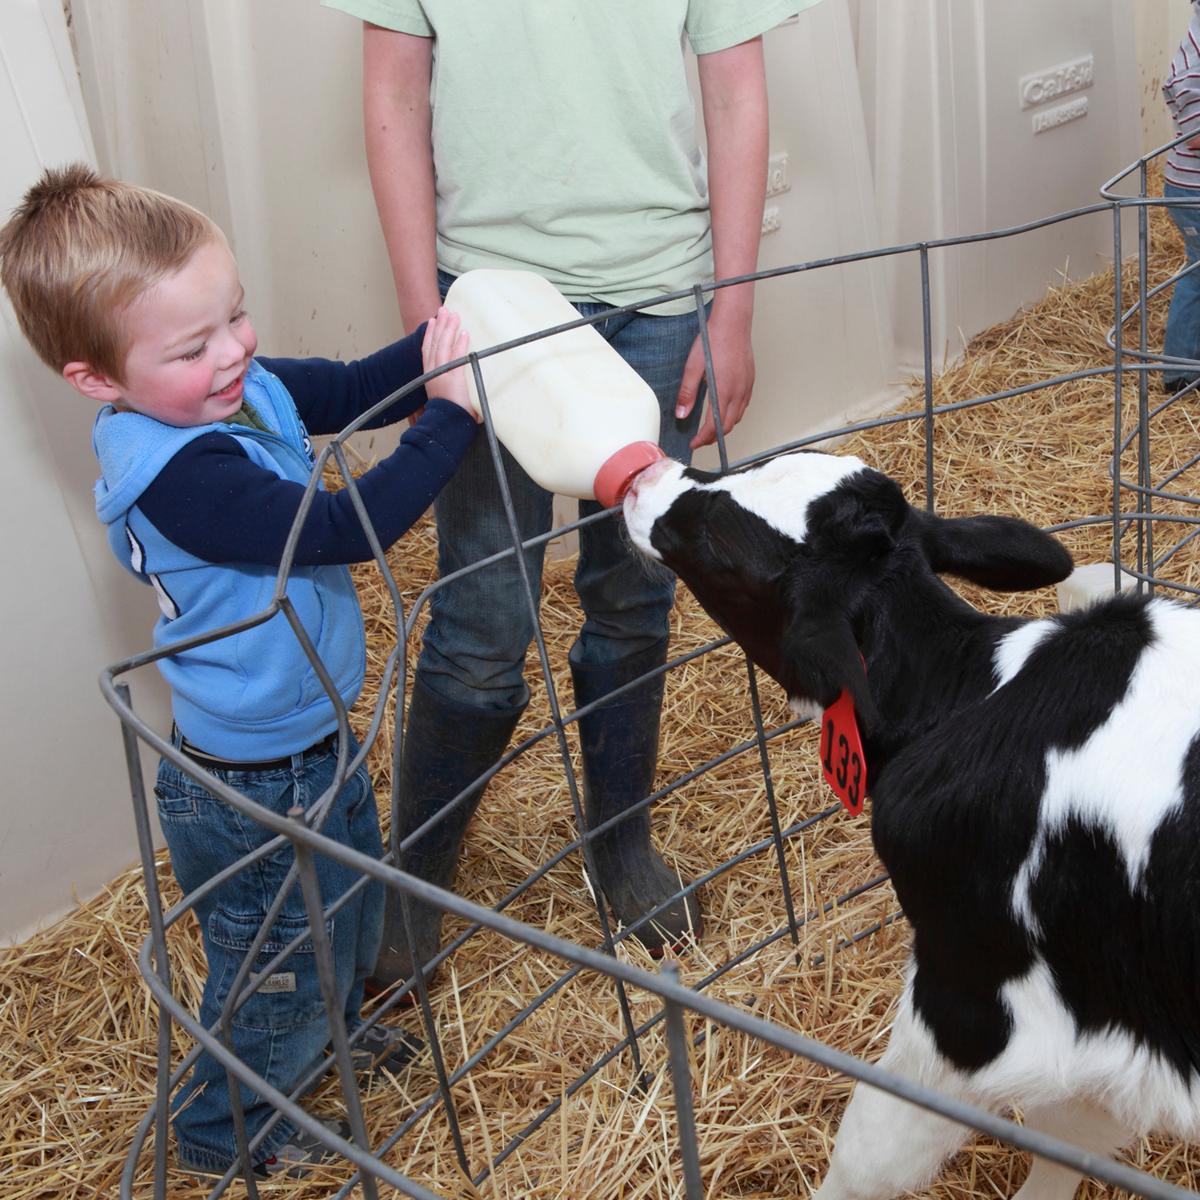 little boy bottle feeding a Holstein calf